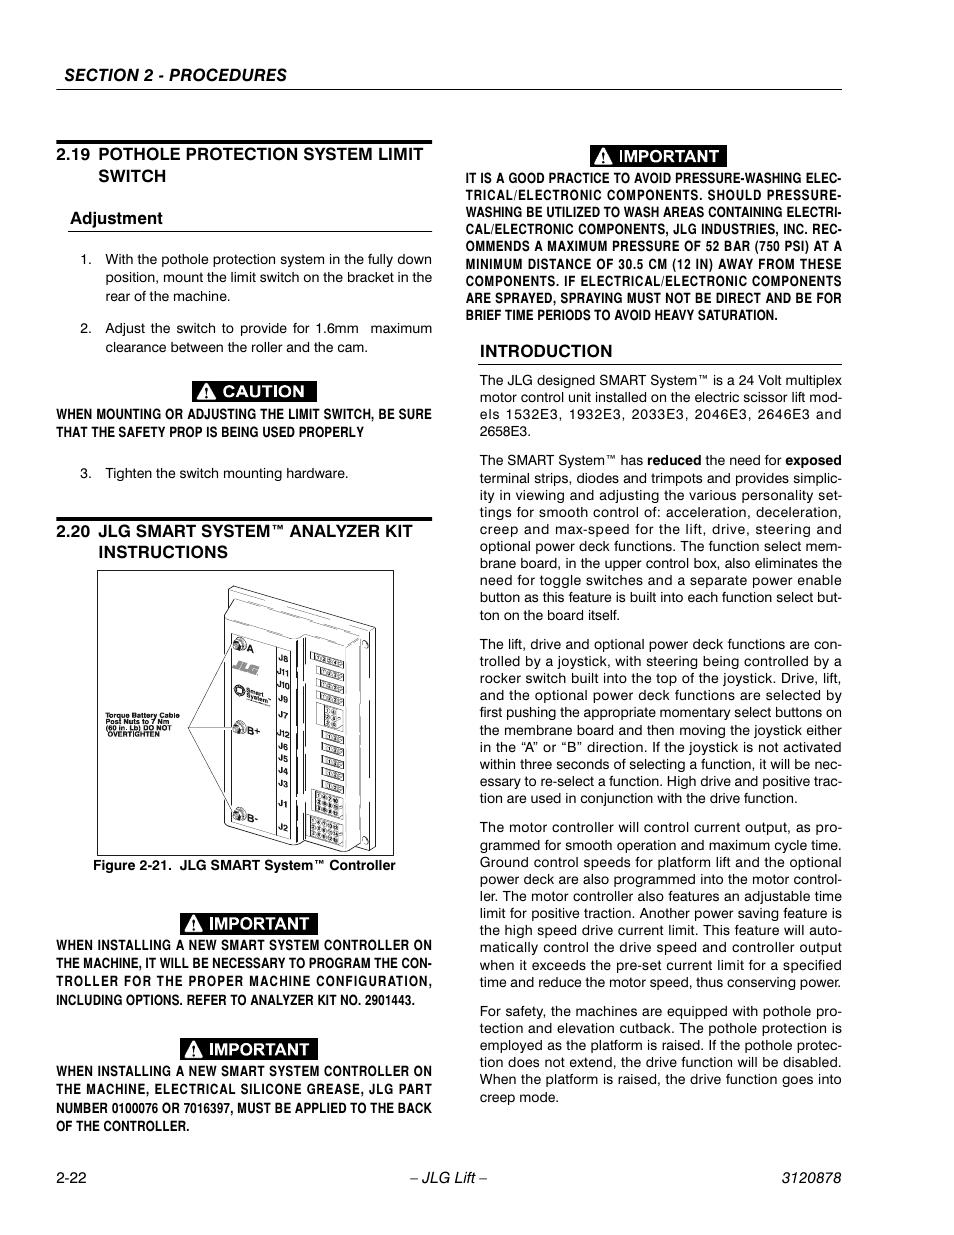 Jlg 2646e2 Scissor Lift Wiring Diagram Library 3246 Perfect 2630es Crest 1932